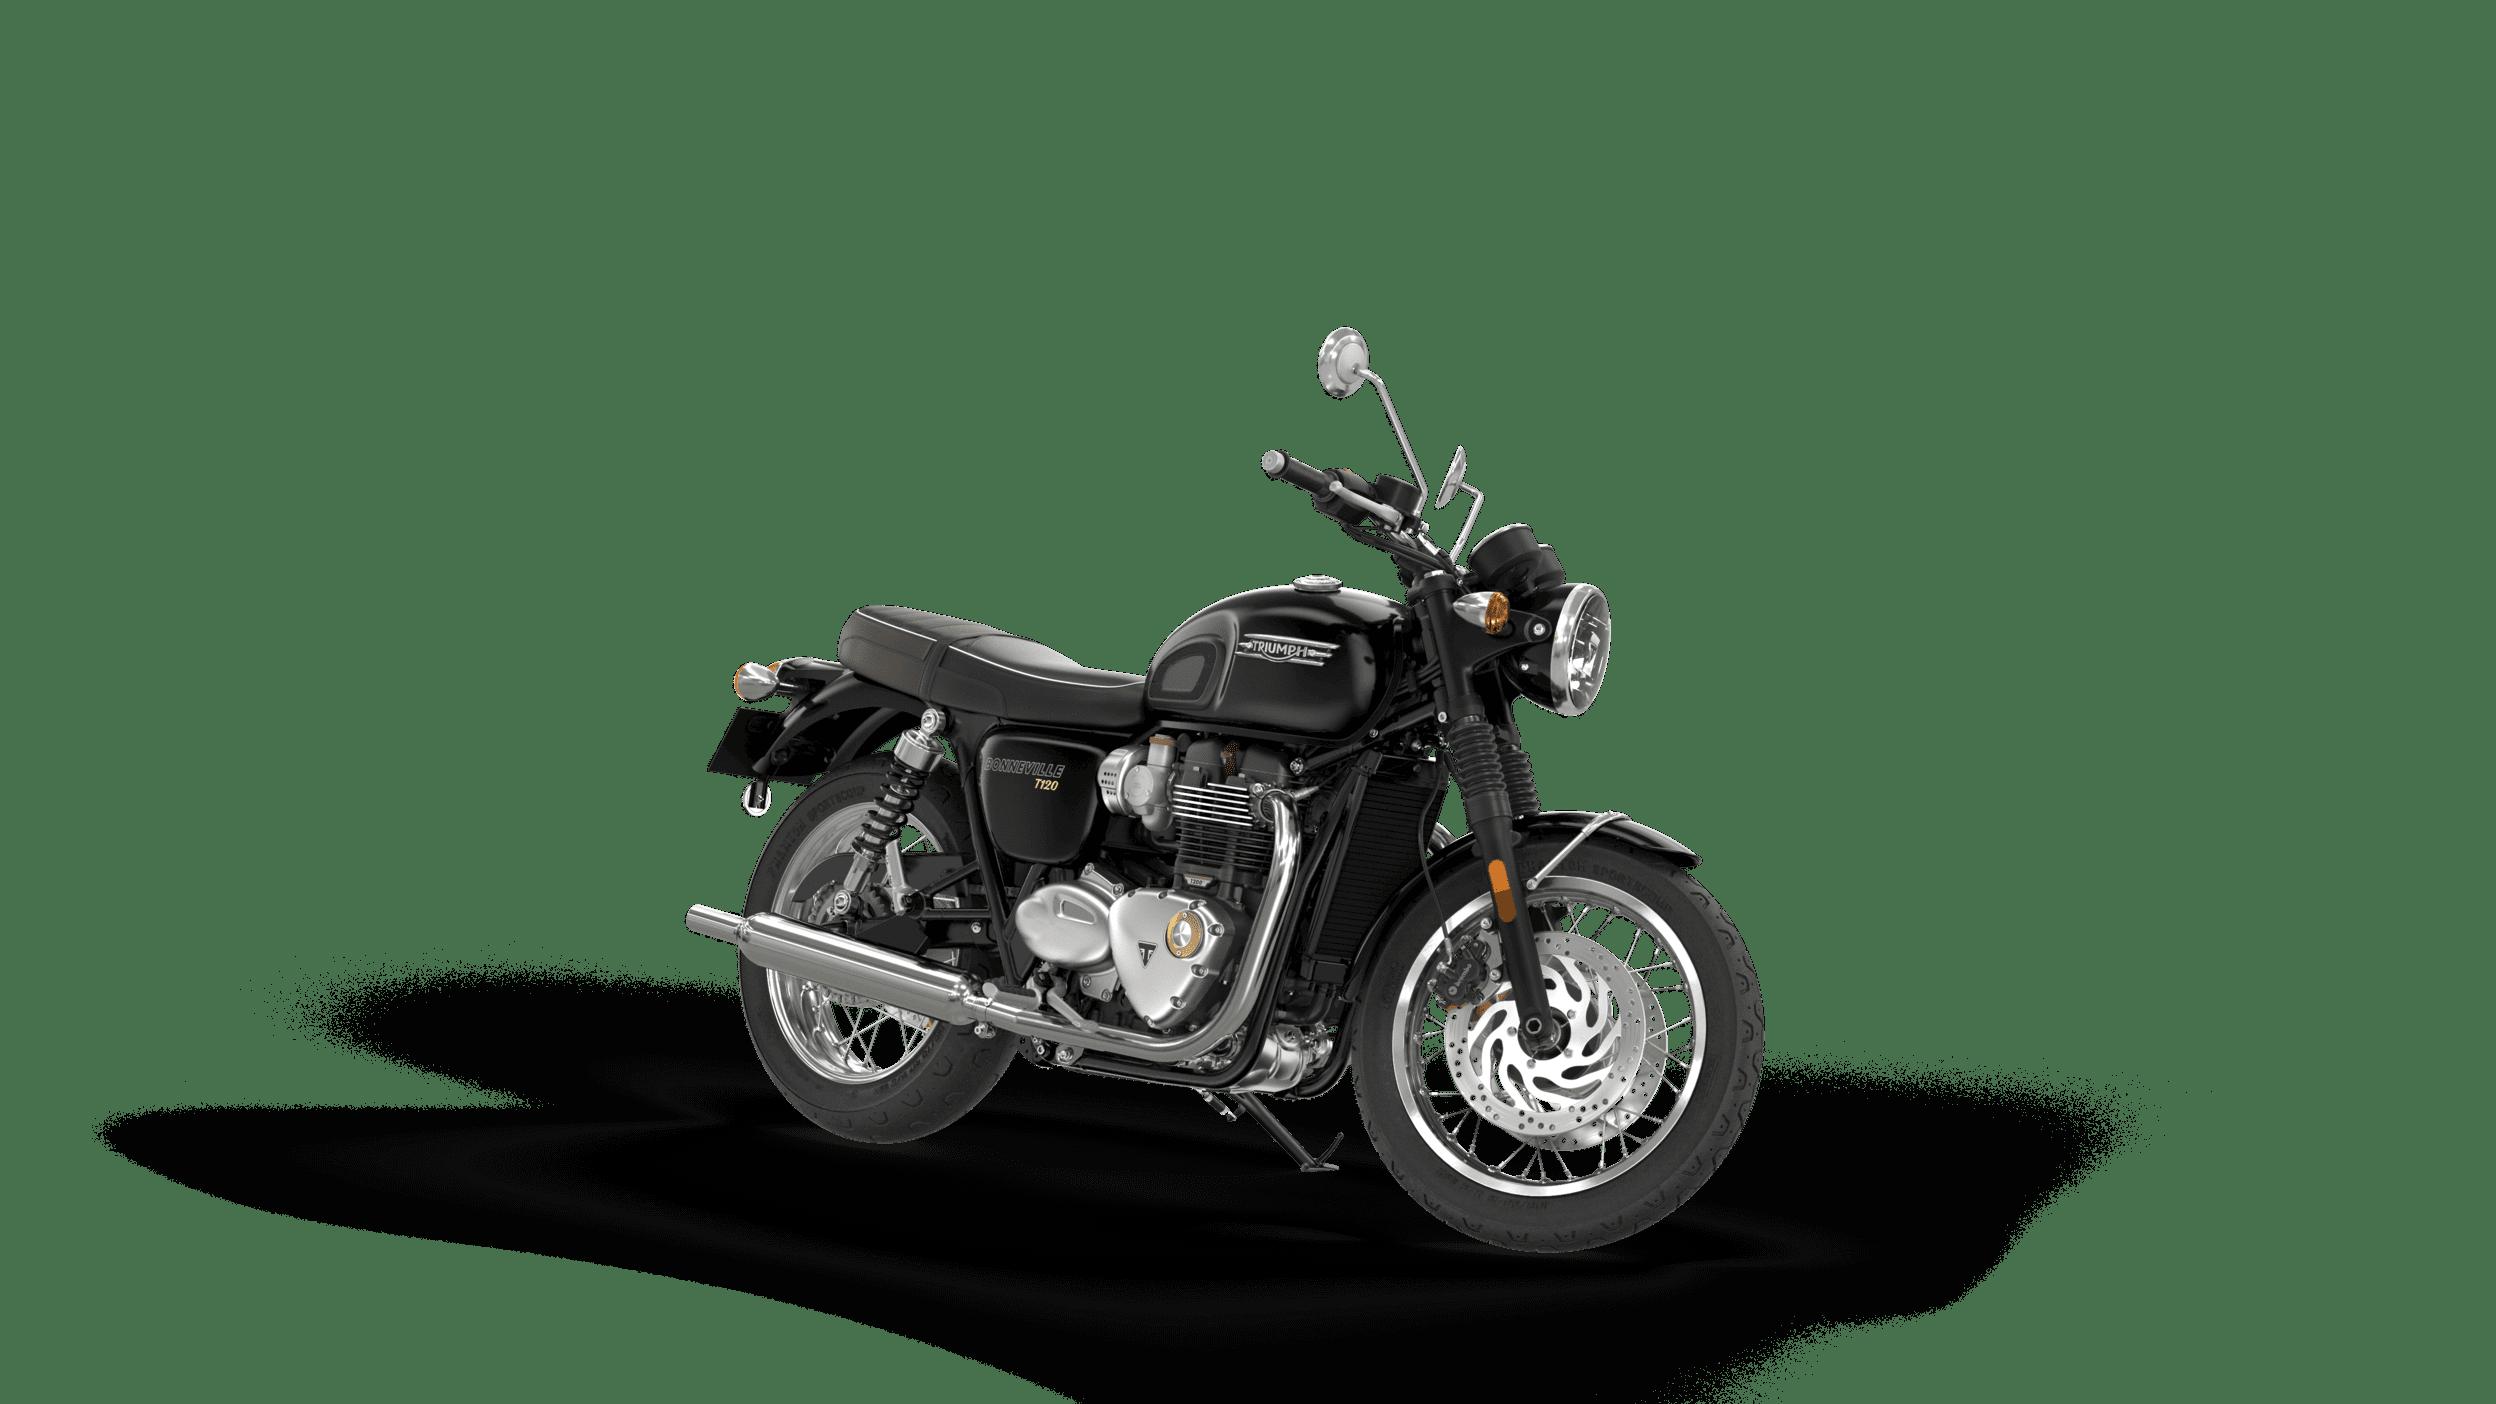 triumph bonneville t120 negru ANGLE RHS 3